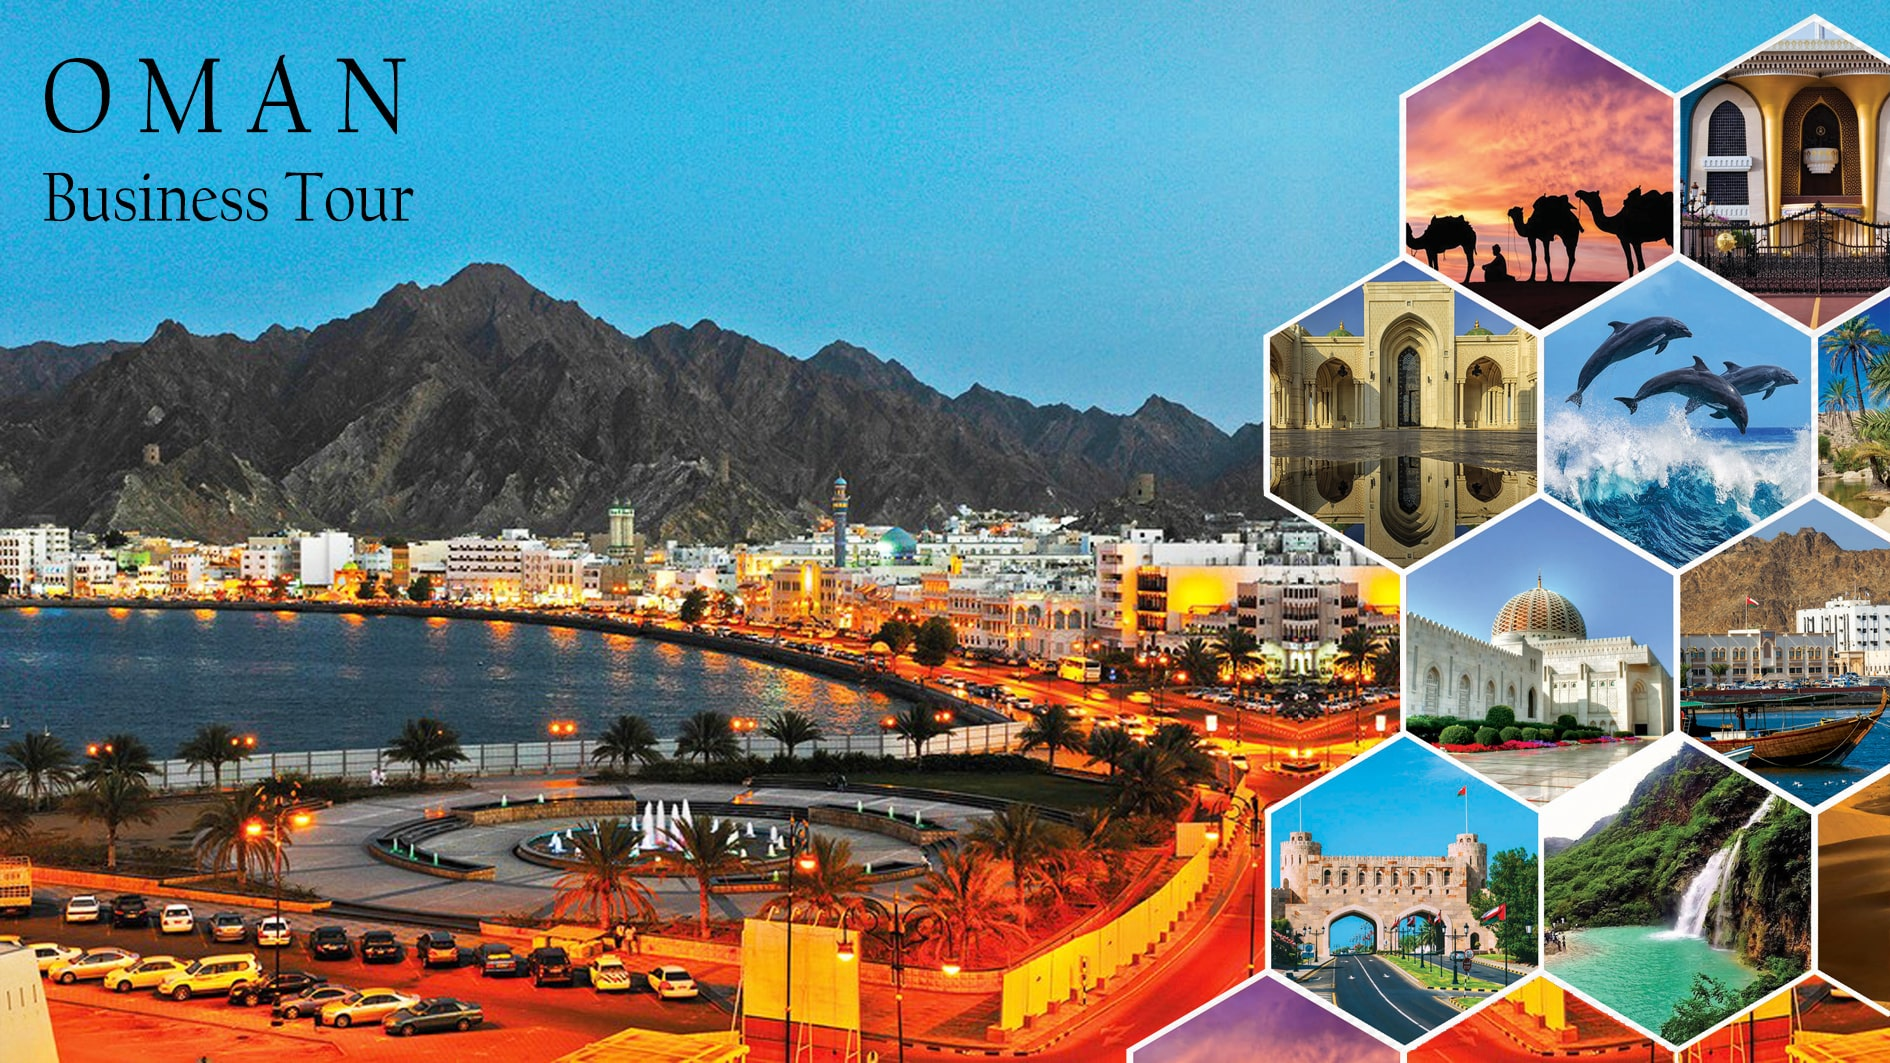 تور تجاری عمان، مسقط